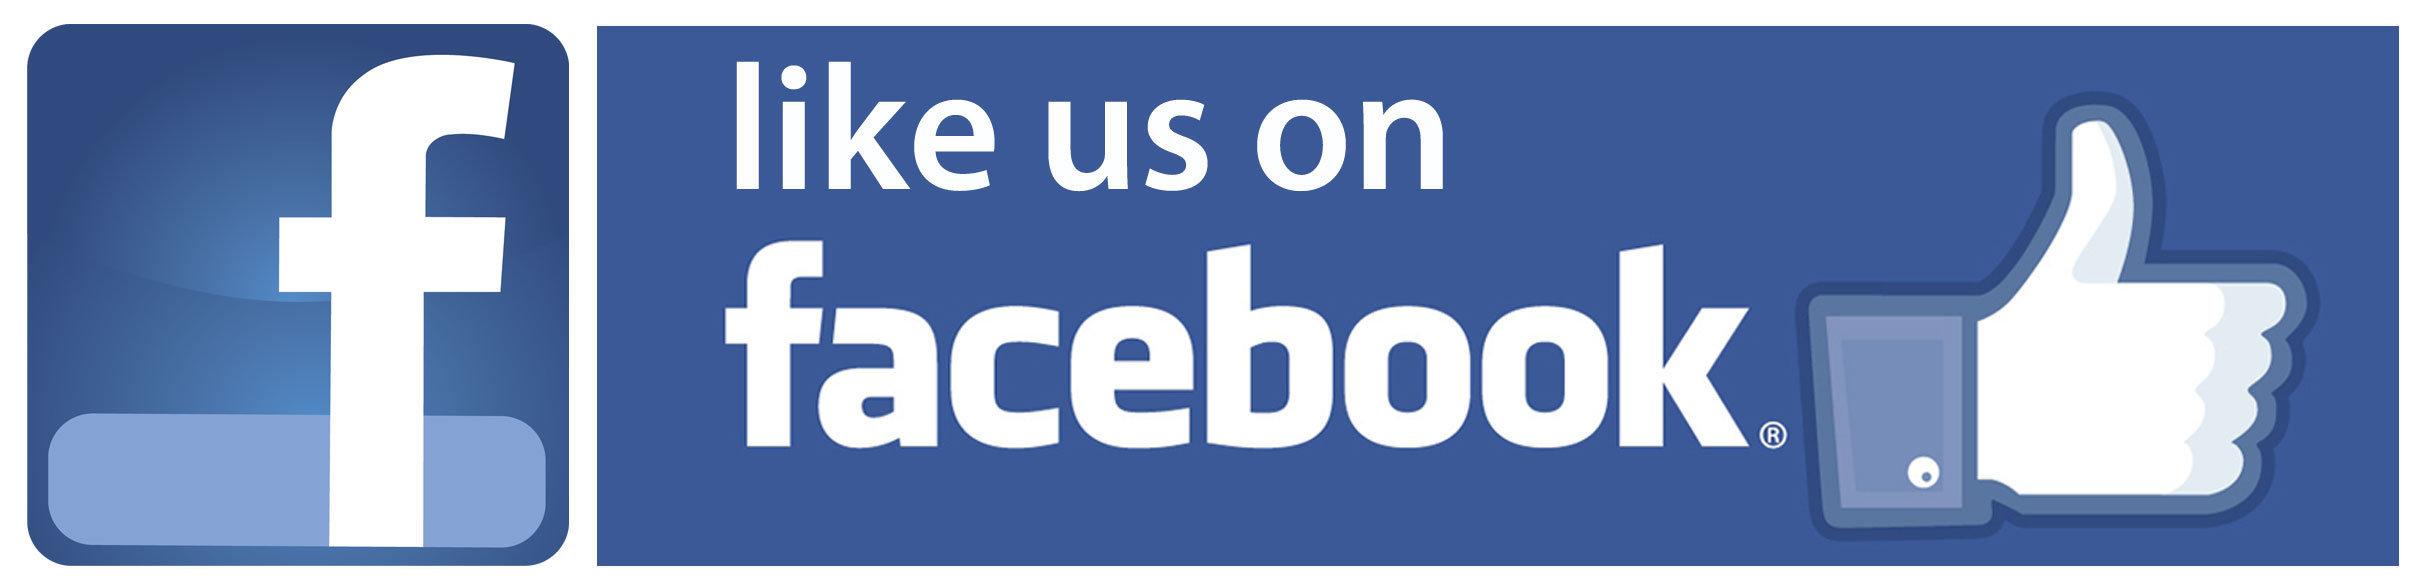 Like Ashland Ford Chrysler on Facebook